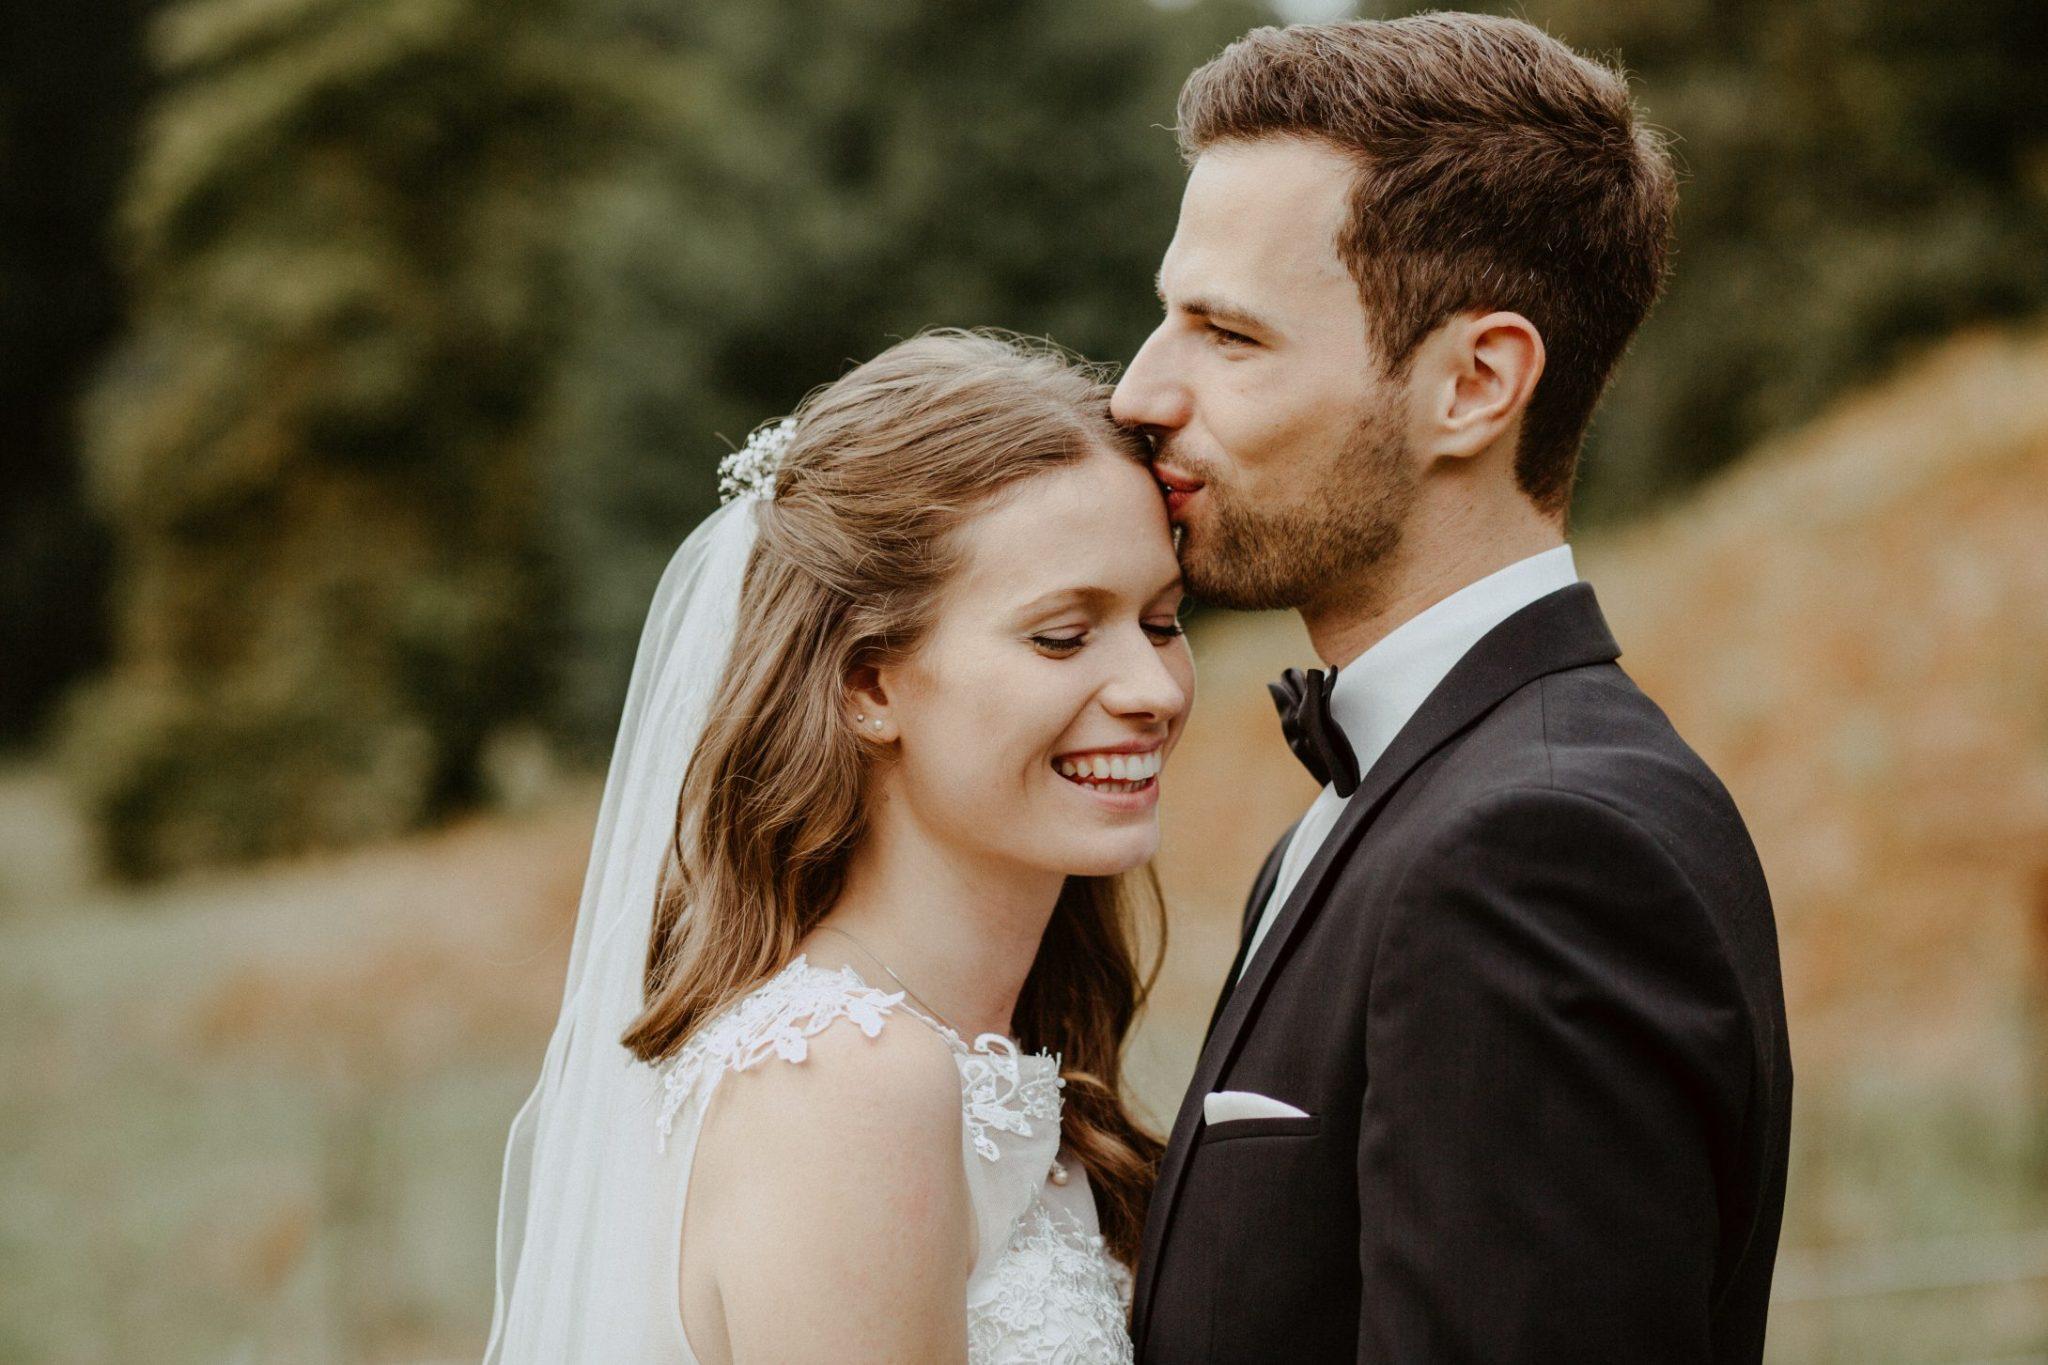 küssen des Paar auf einer Wiese (Brautpaarbild)